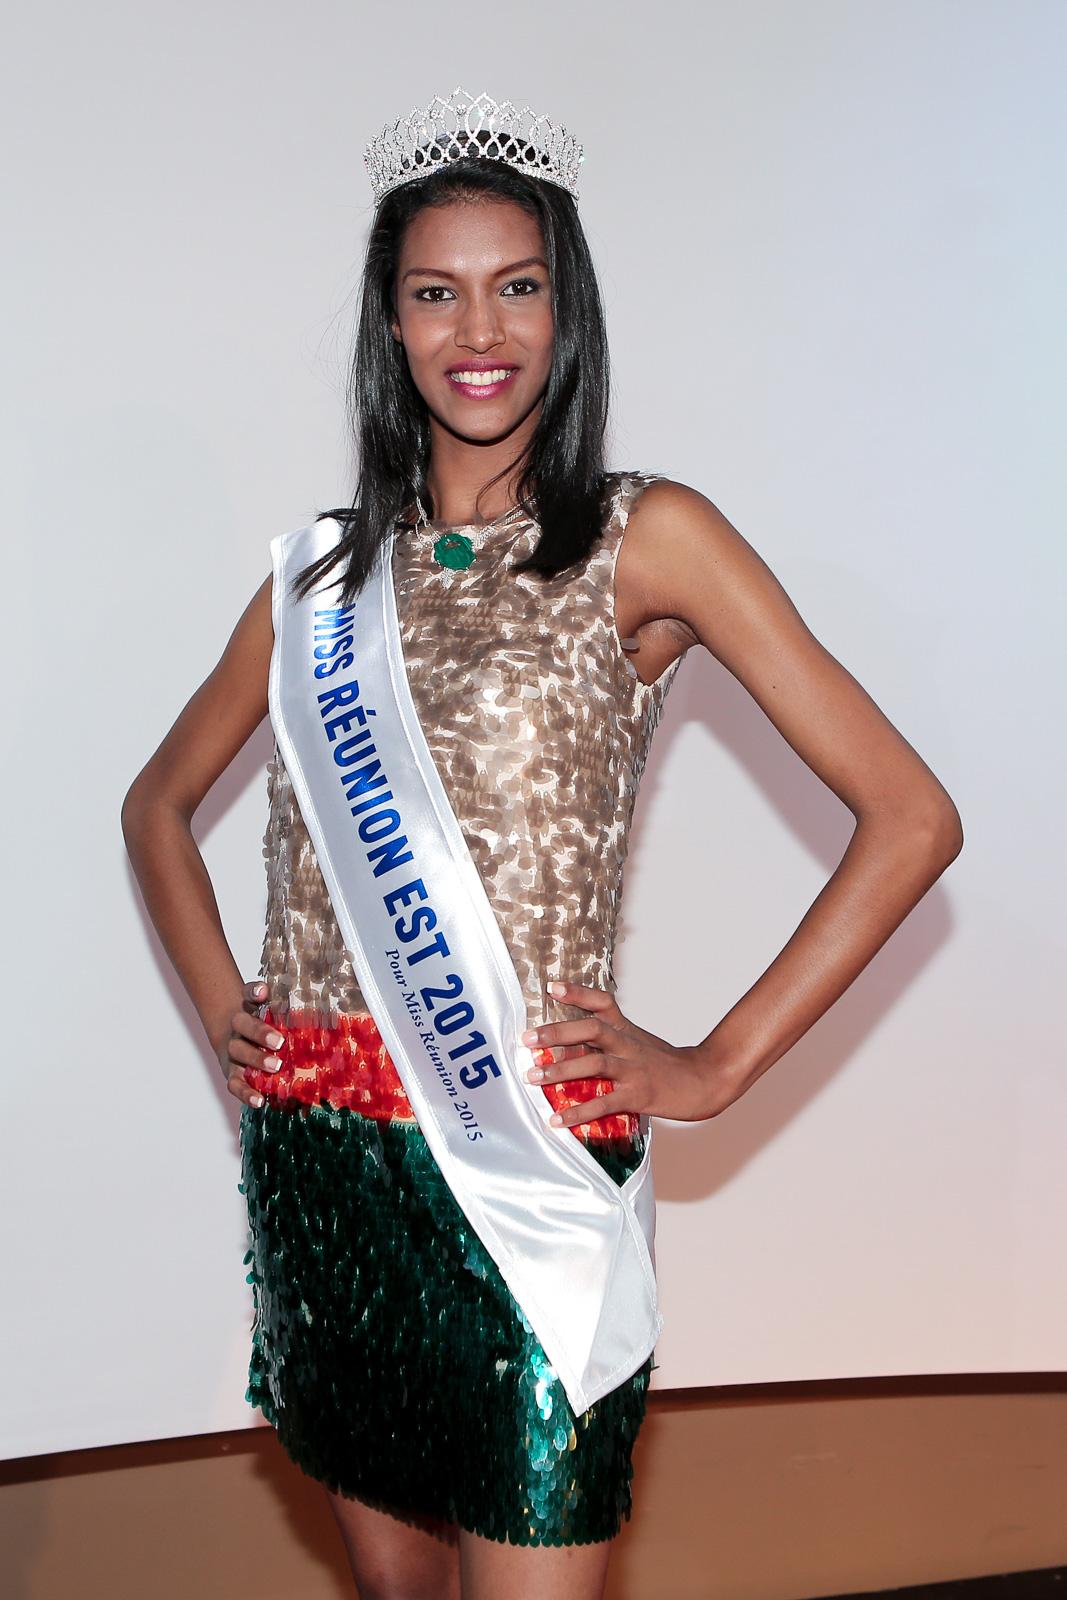 Ornella Serveau a 20 ans, elle mesure 1,72 m, elle vit à Bras Panon et elle est étudiante en Anglais